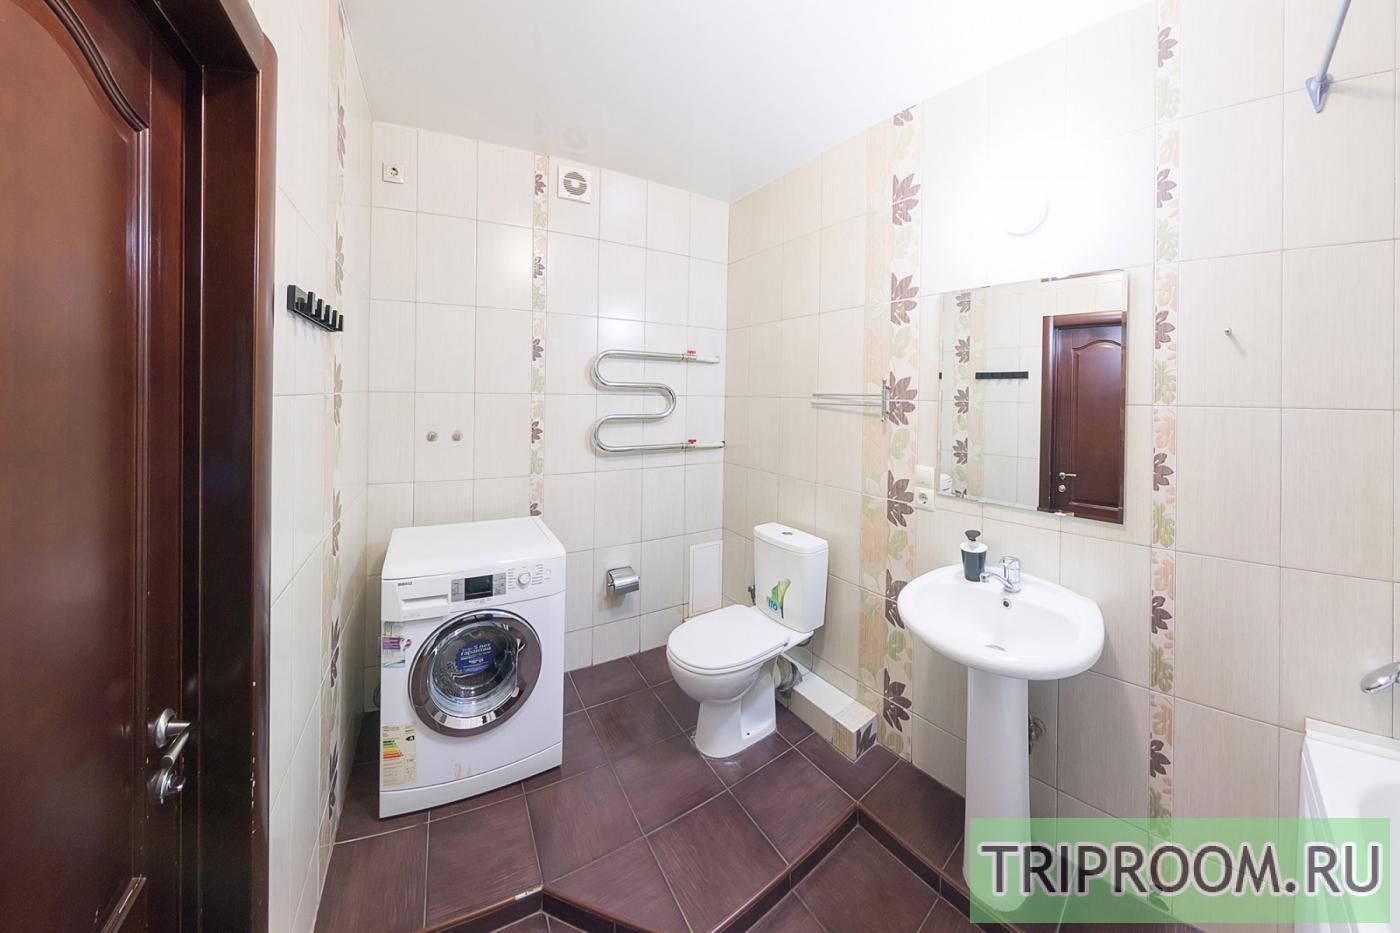 1-комнатная квартира посуточно (вариант № 33969), ул. Серафимовича улица, фото № 5